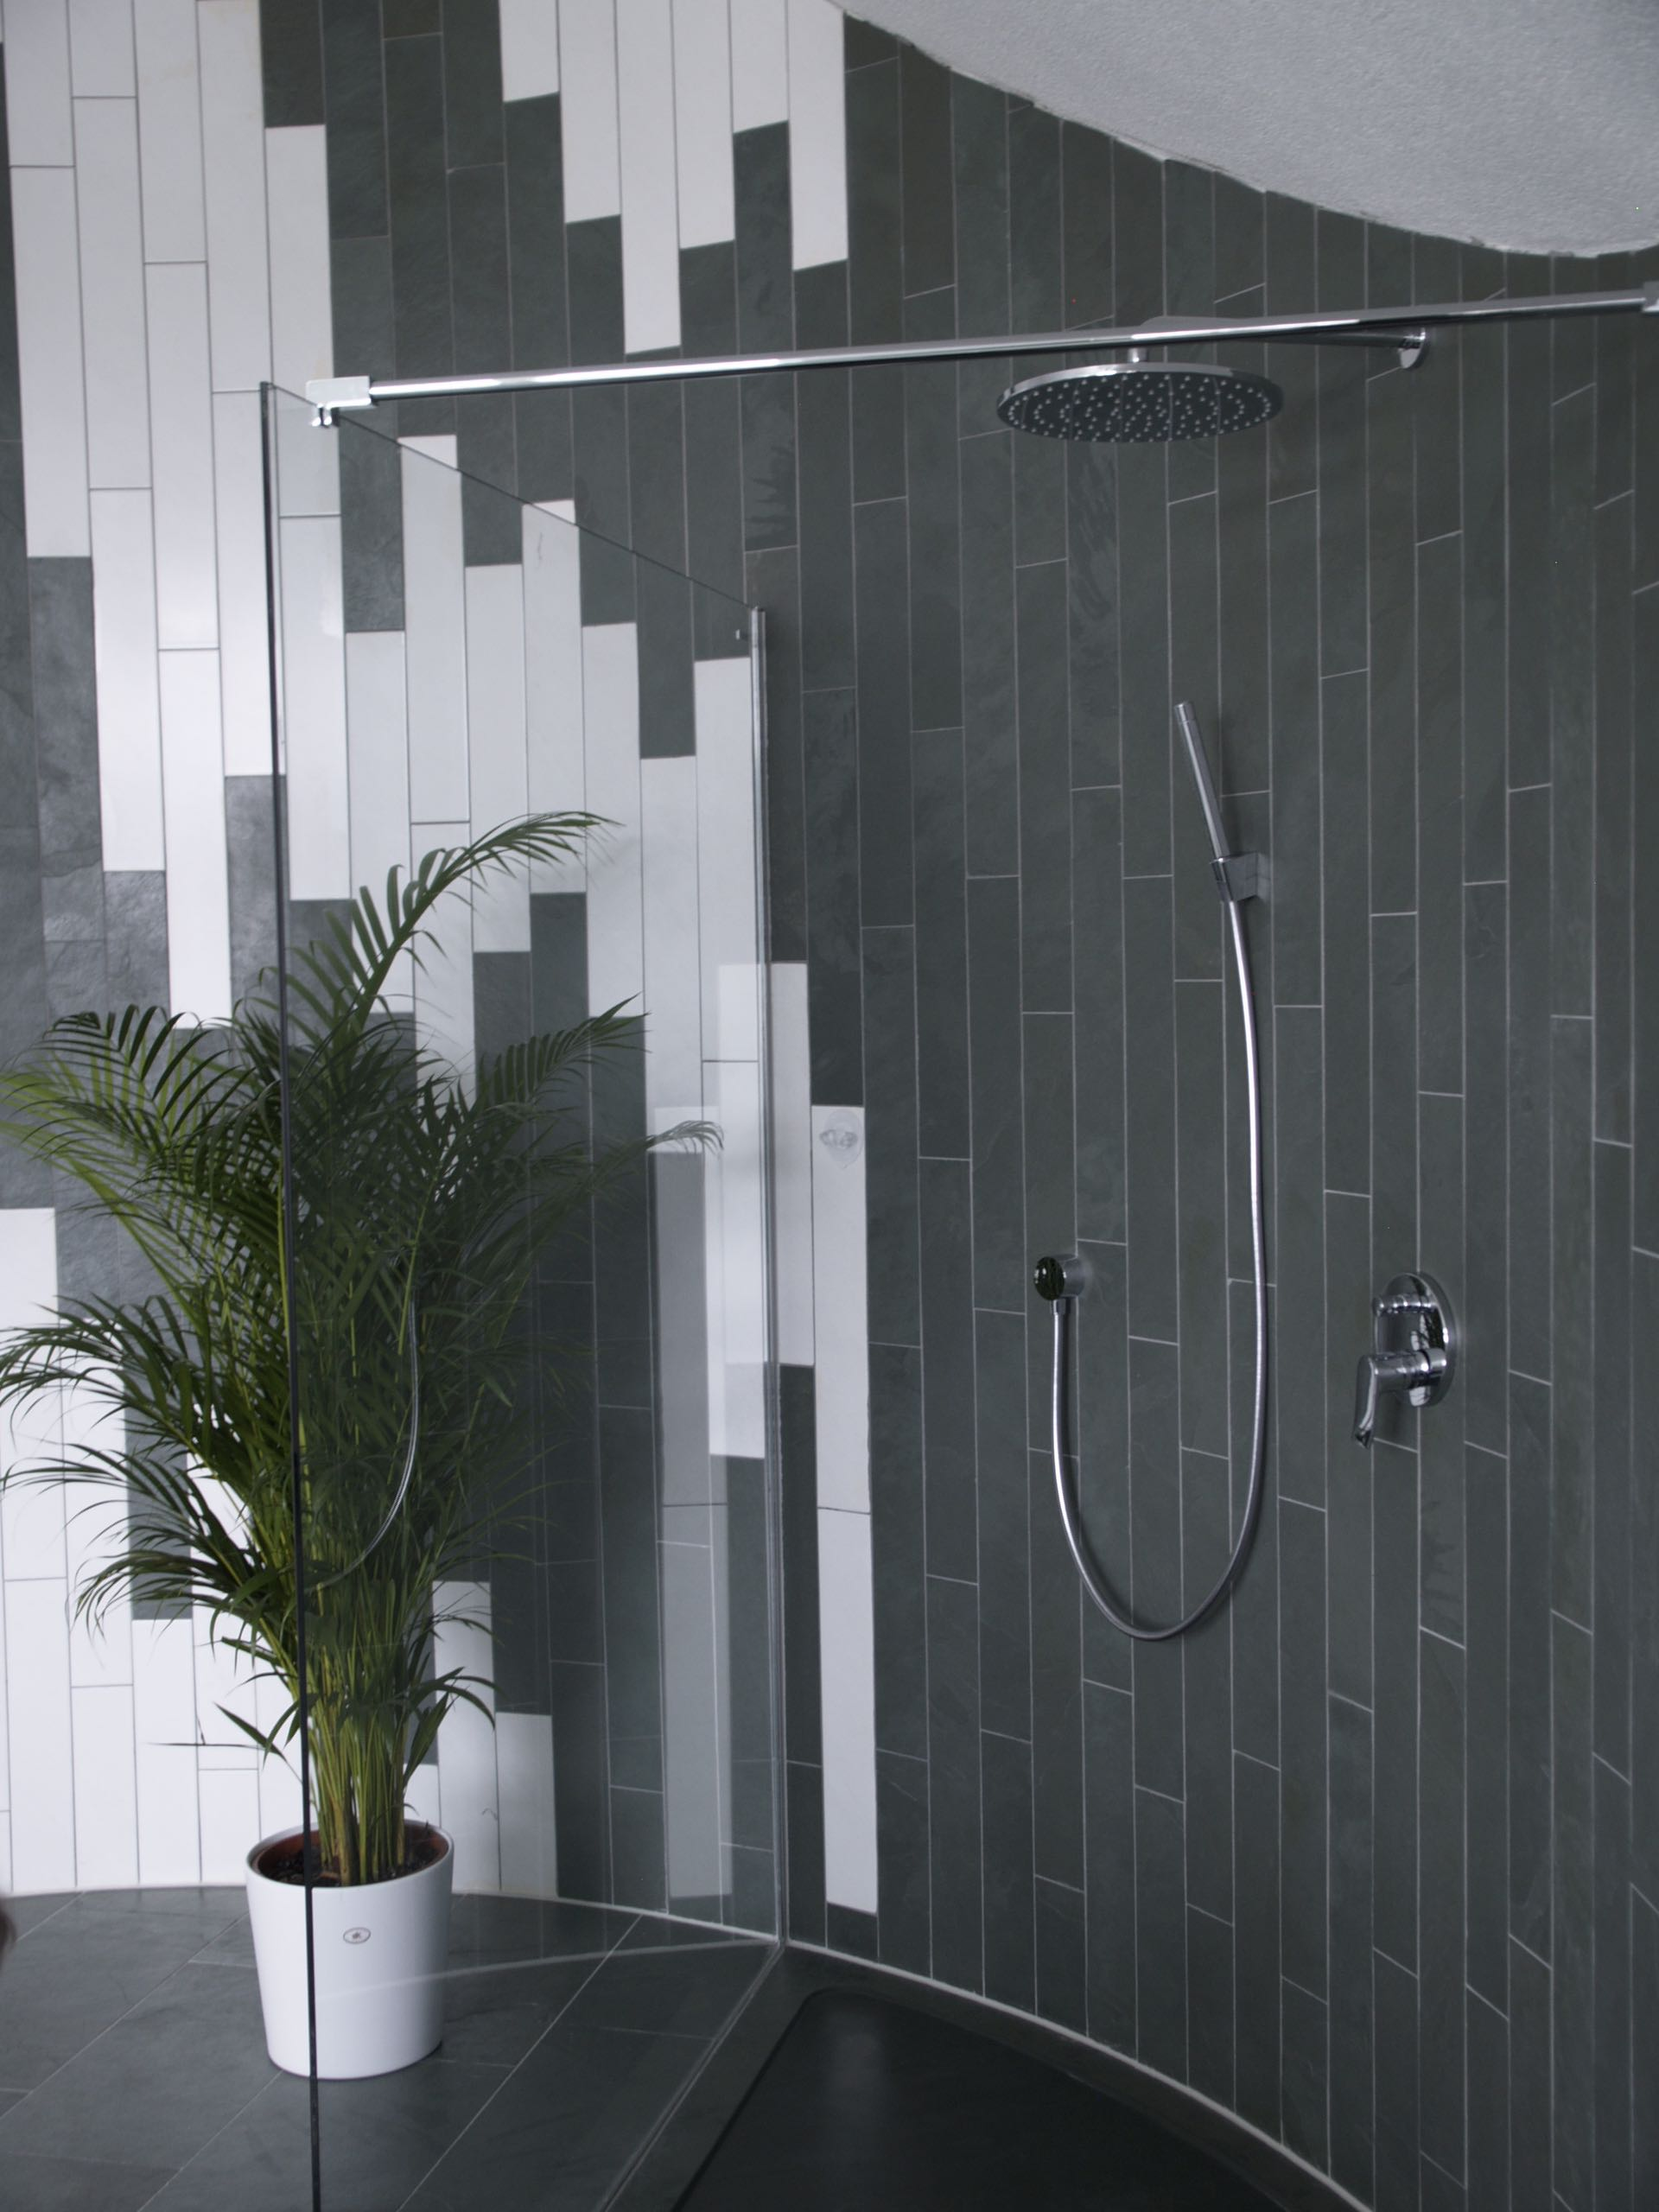 Badezimmer Schiefer  Jtleigh.com - Hausgestaltung Ideen